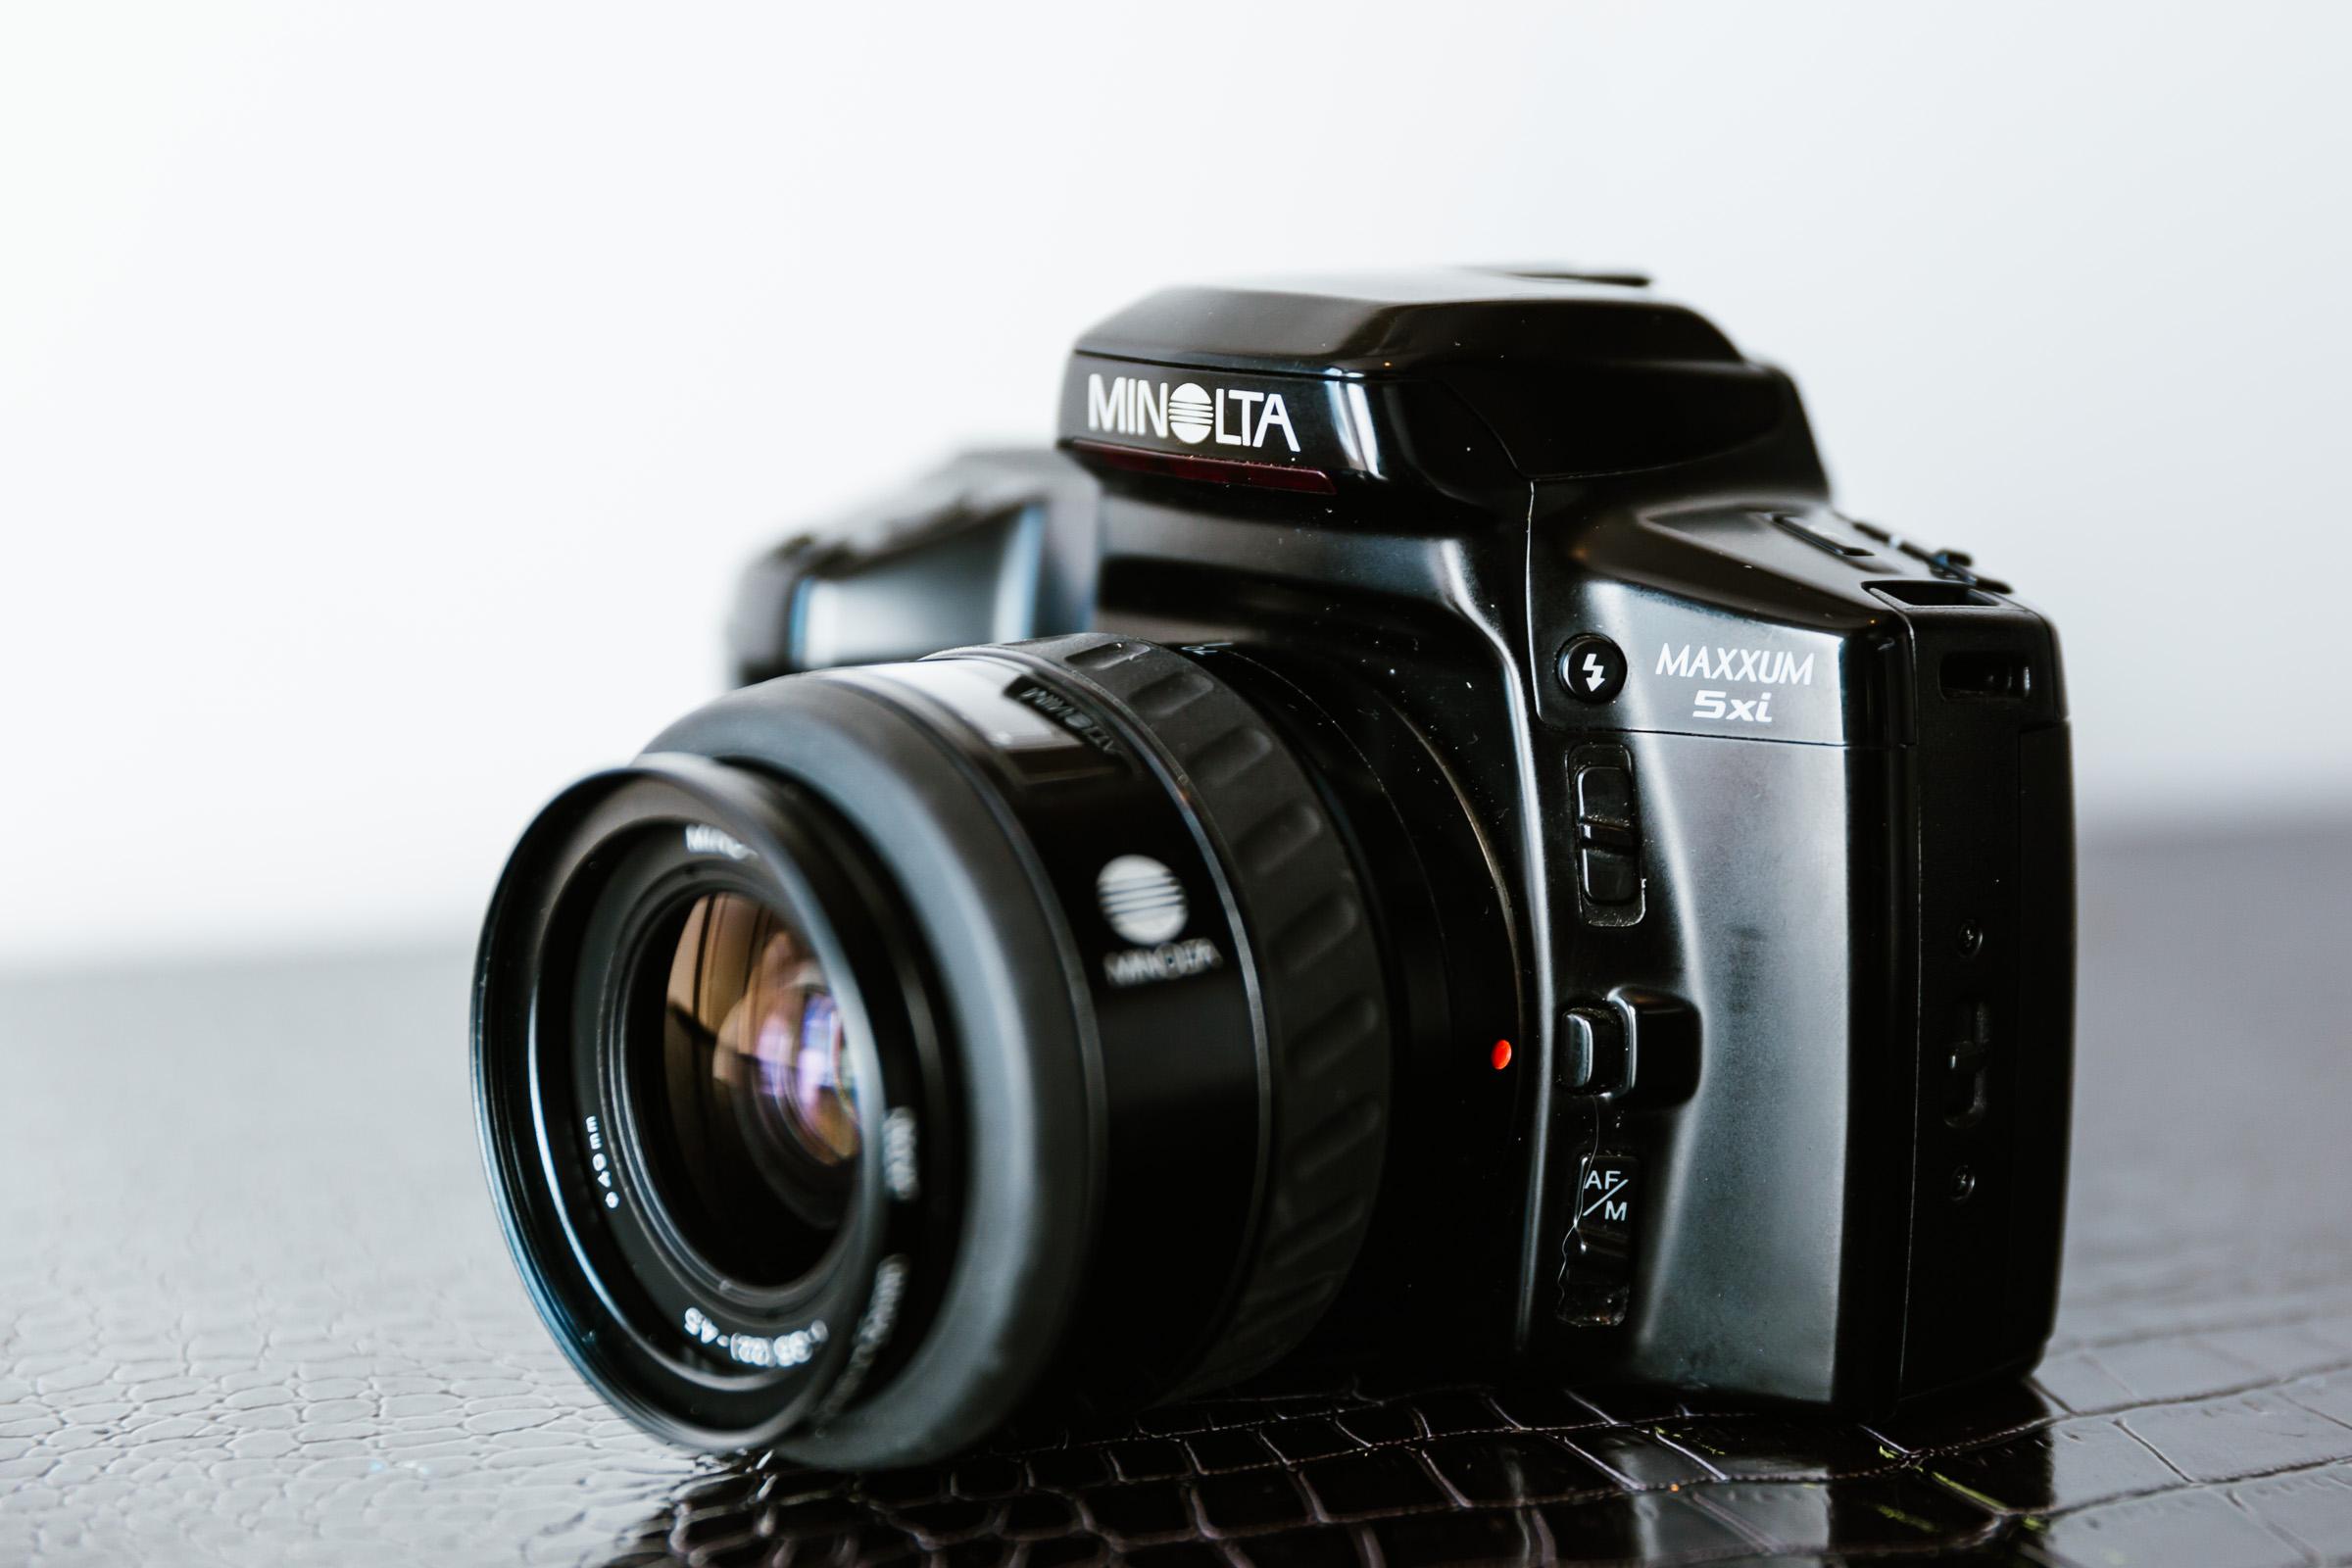 Minolta Maxxum 5xi 35mm film camera with a AF 35-70mm f3.5 lens